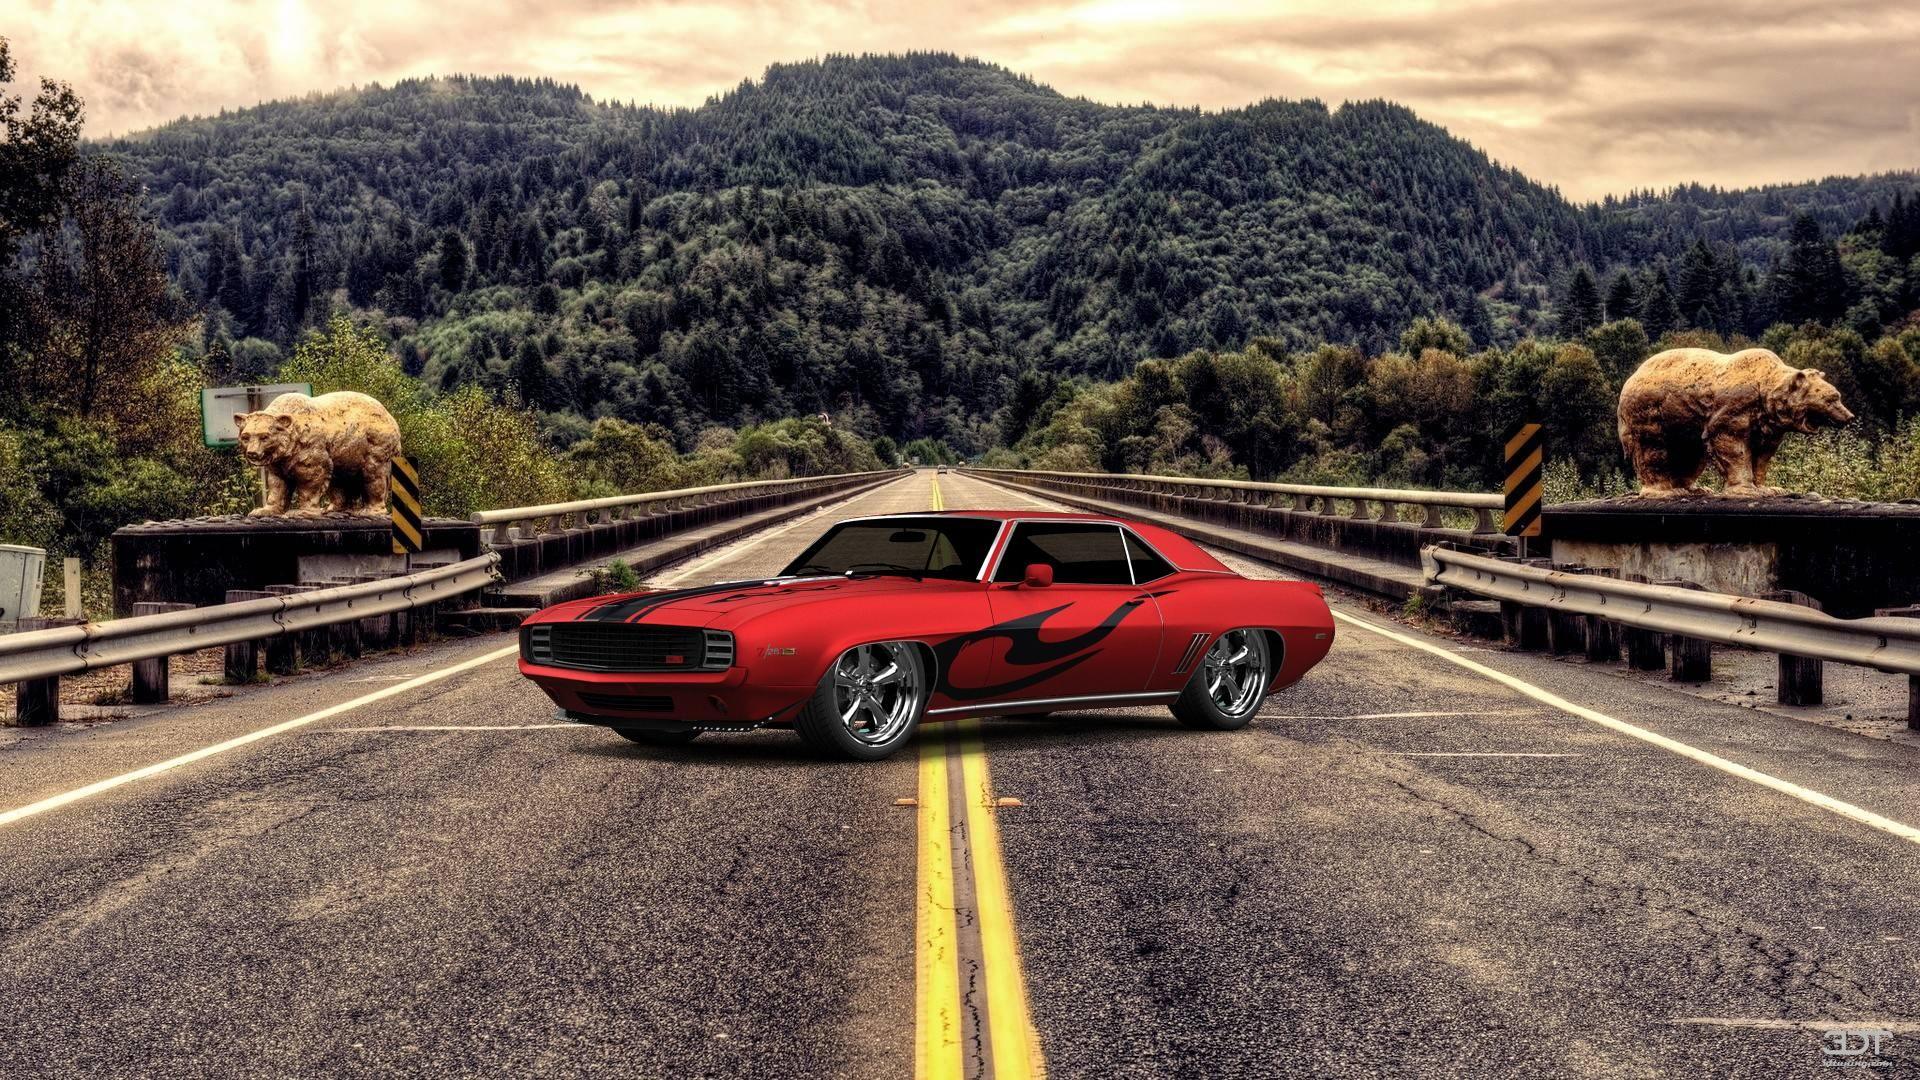 Wie gefällt euch mein Tuning #Chevrolet #CamaroSS 1969 auf 3DTuning #3dtuning #tuning